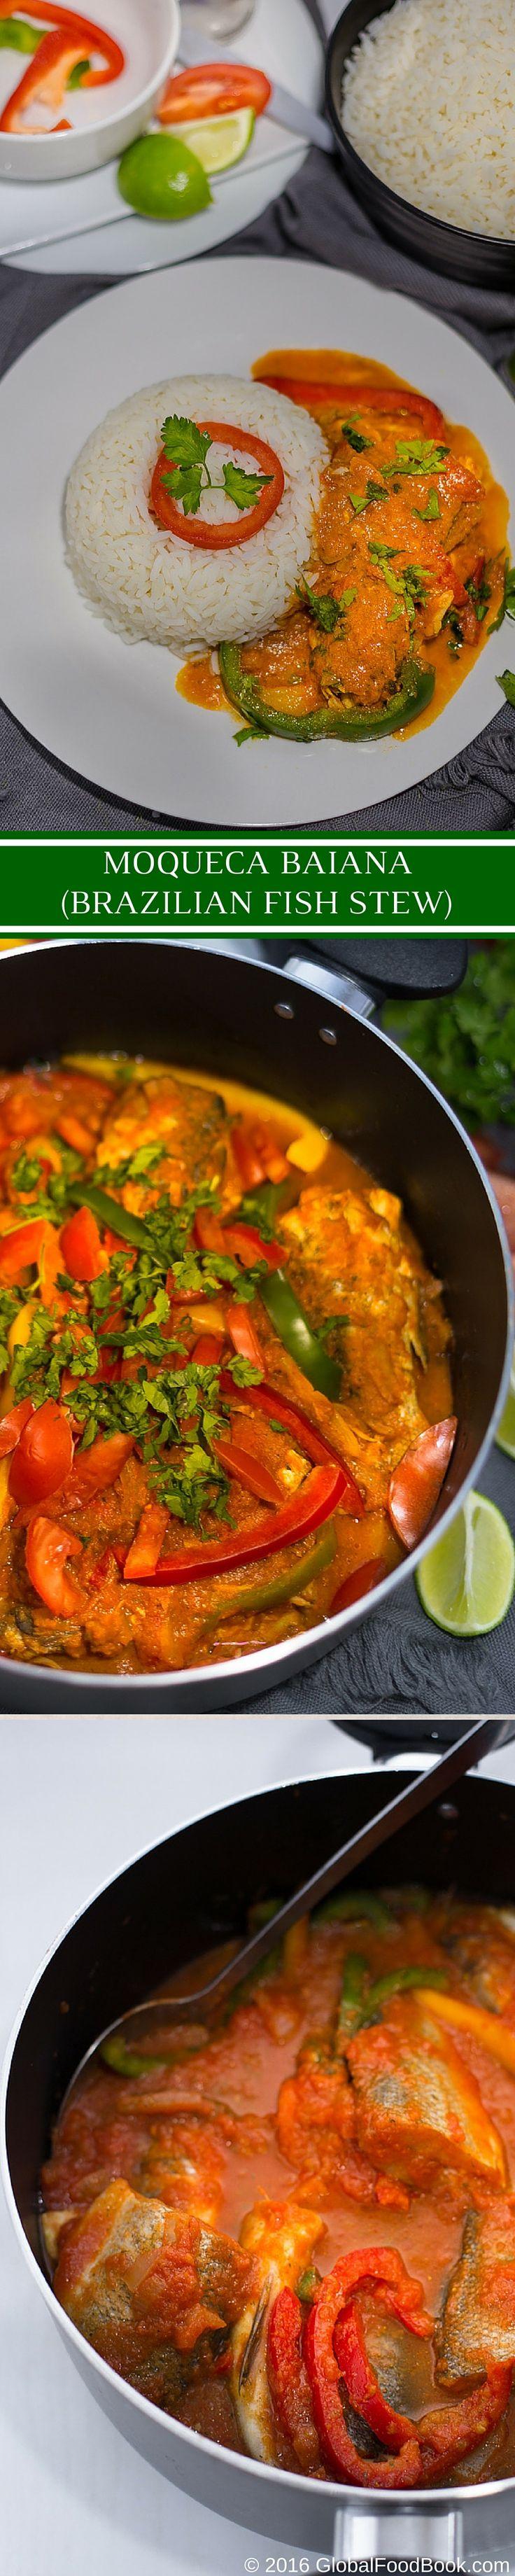 BRAZILIAN FISH STEW). This exotic moqueca baiana (Brazilian fish stew ...